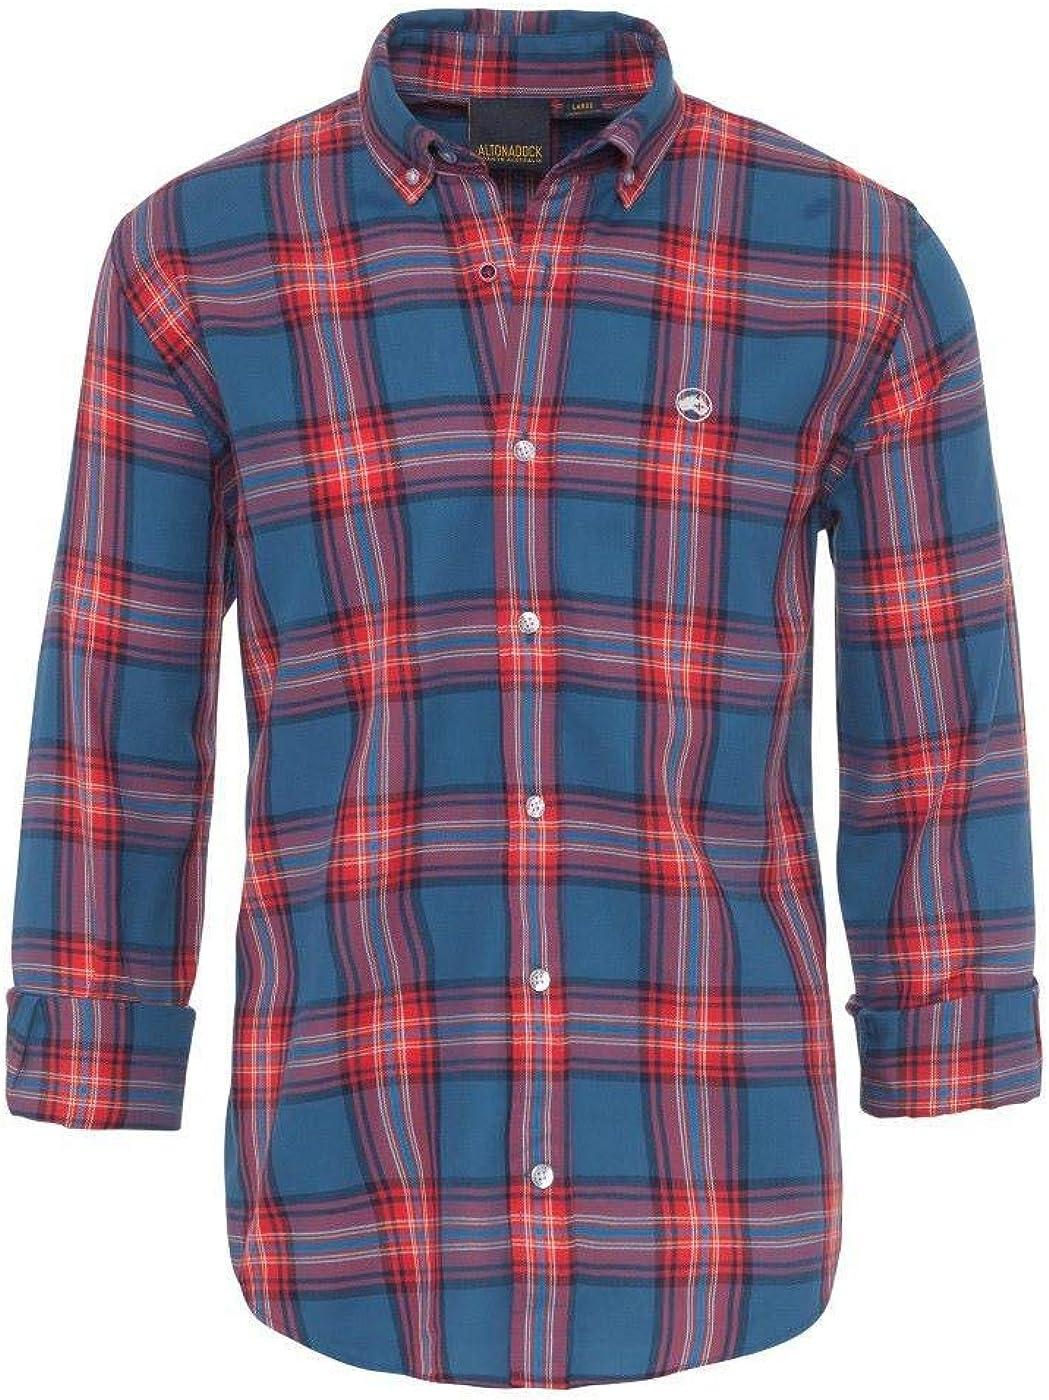 ALTONADOCK Camisa Cuadros Azul Y Roja para Hombre: Amazon.es: Ropa y accesorios